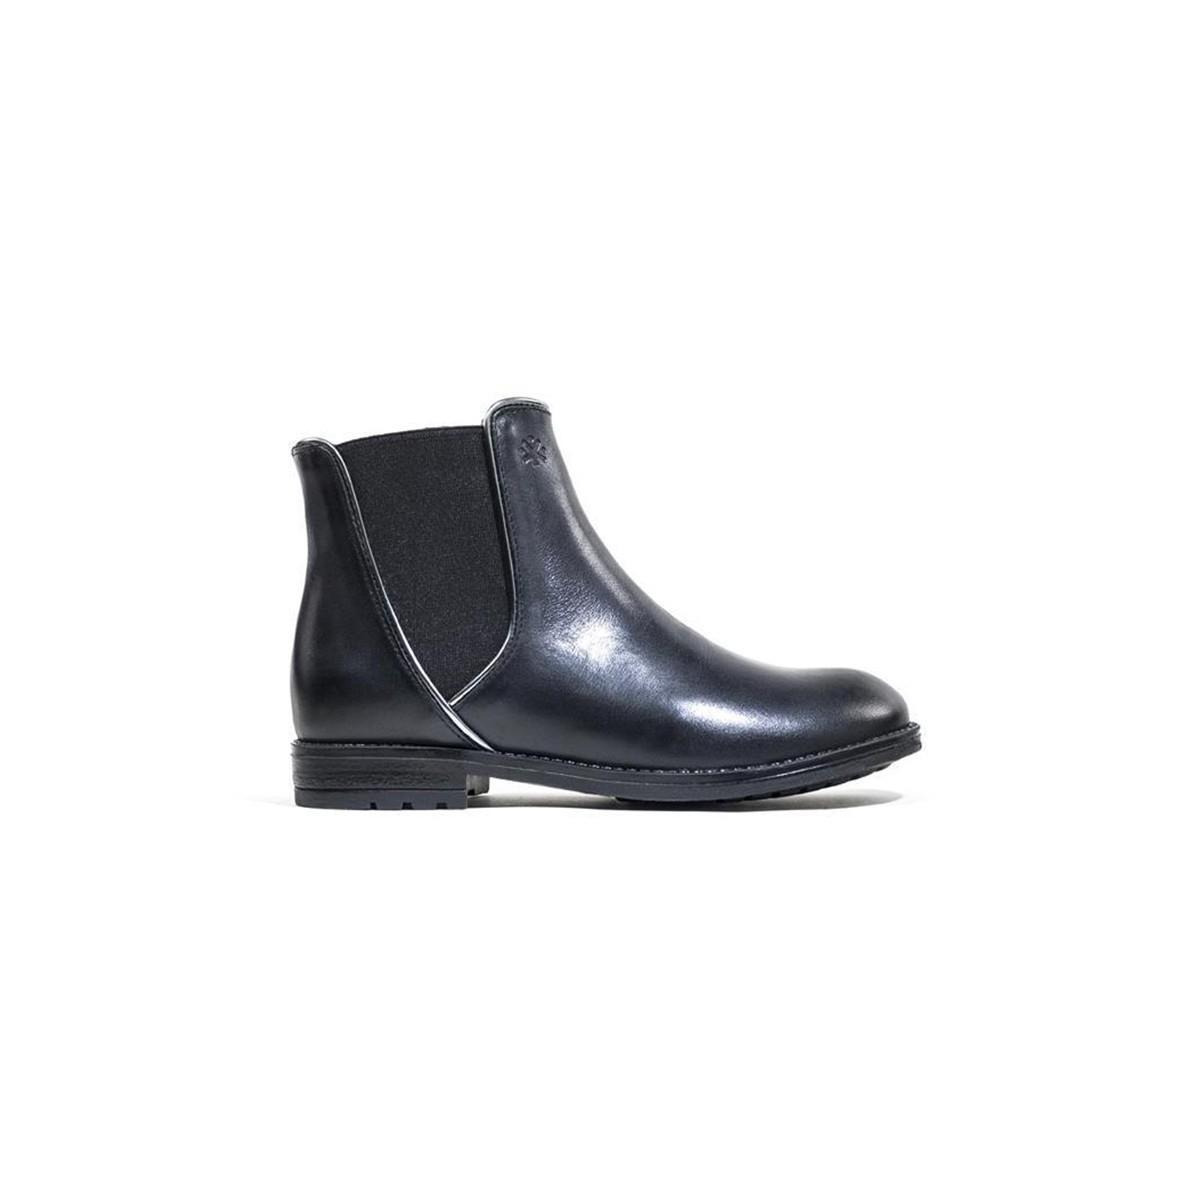 Boots noir élastique large bord argent